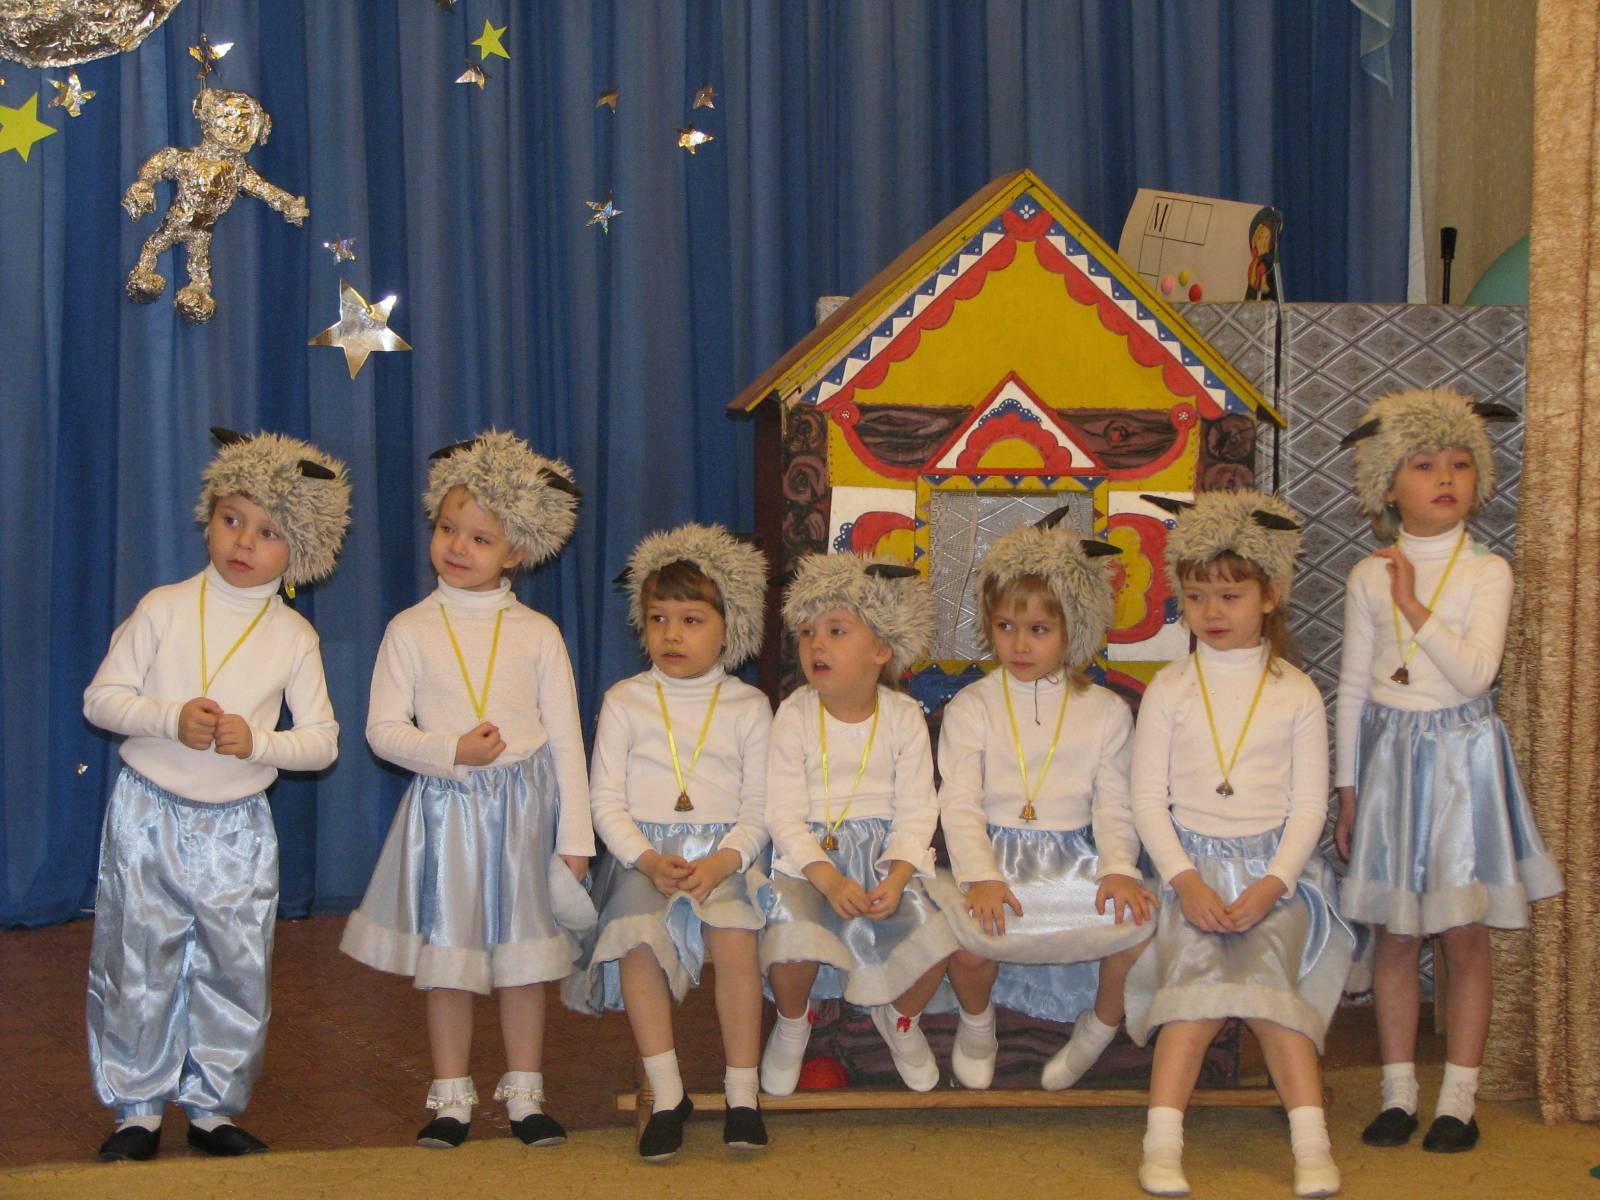 Козлятушки ребятушки спектакль в детском саду